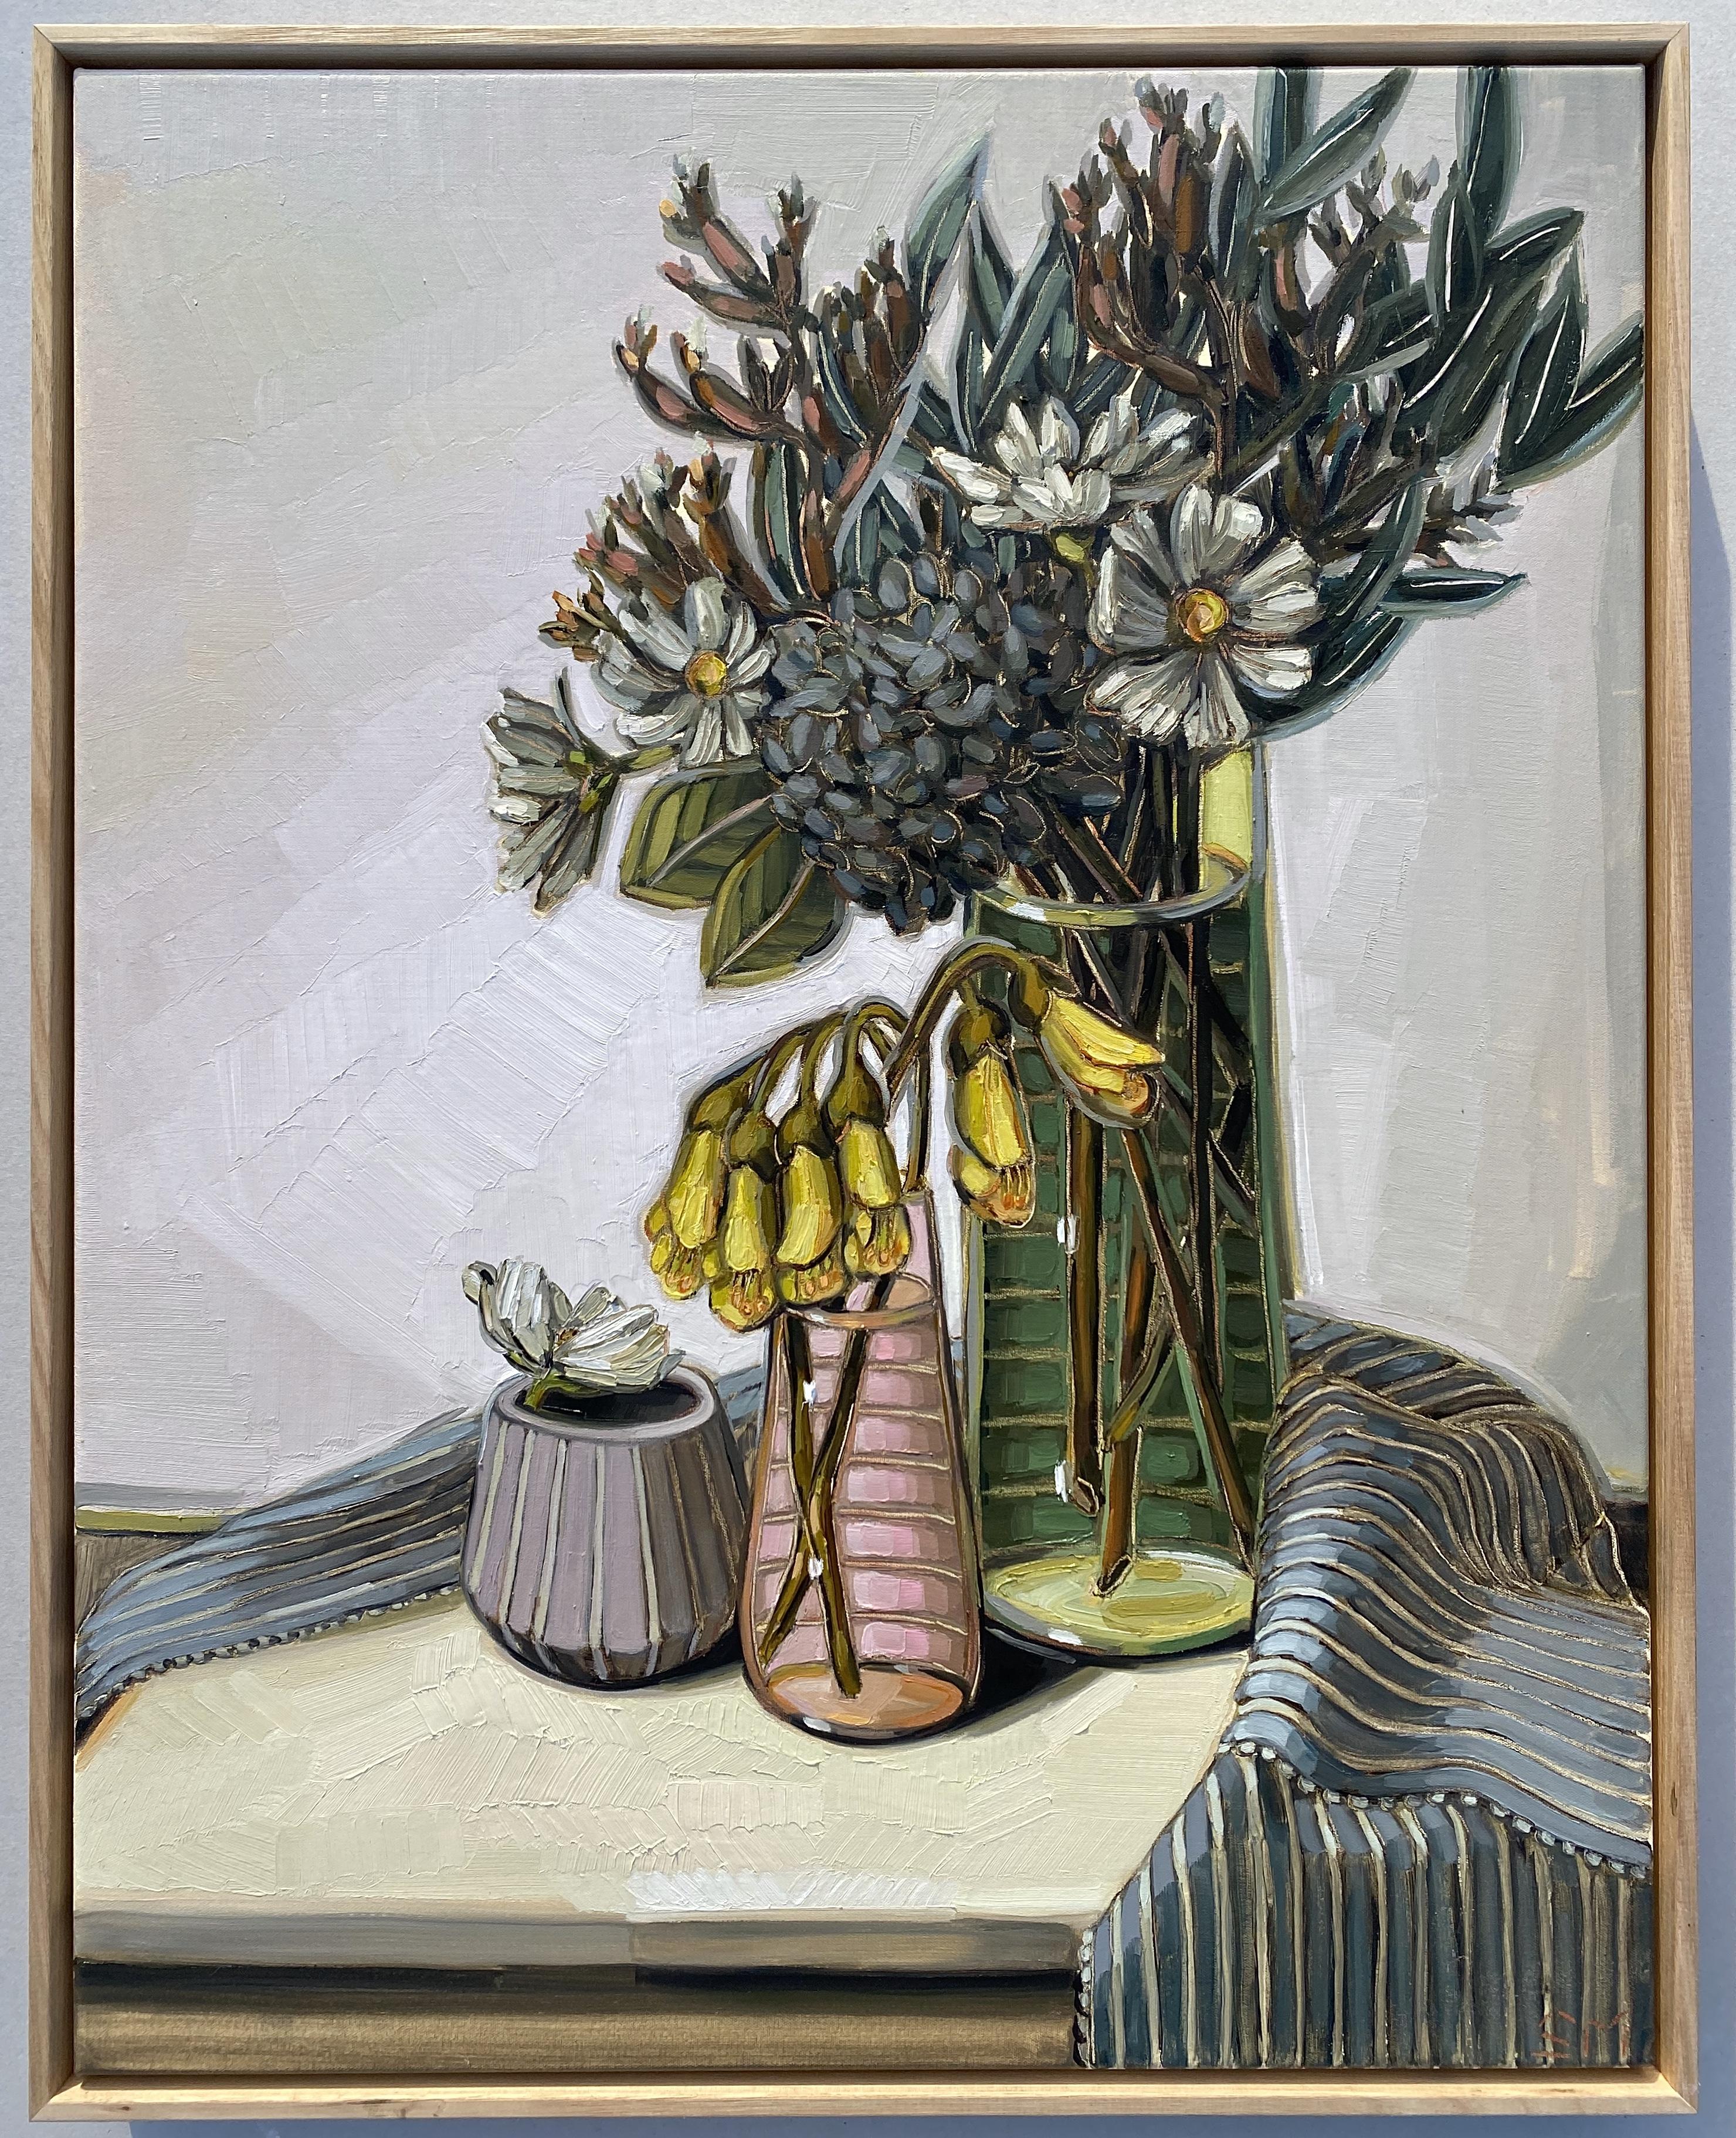 sam michelle 'nz kowhai, hydrangea & flax' 73x58cm